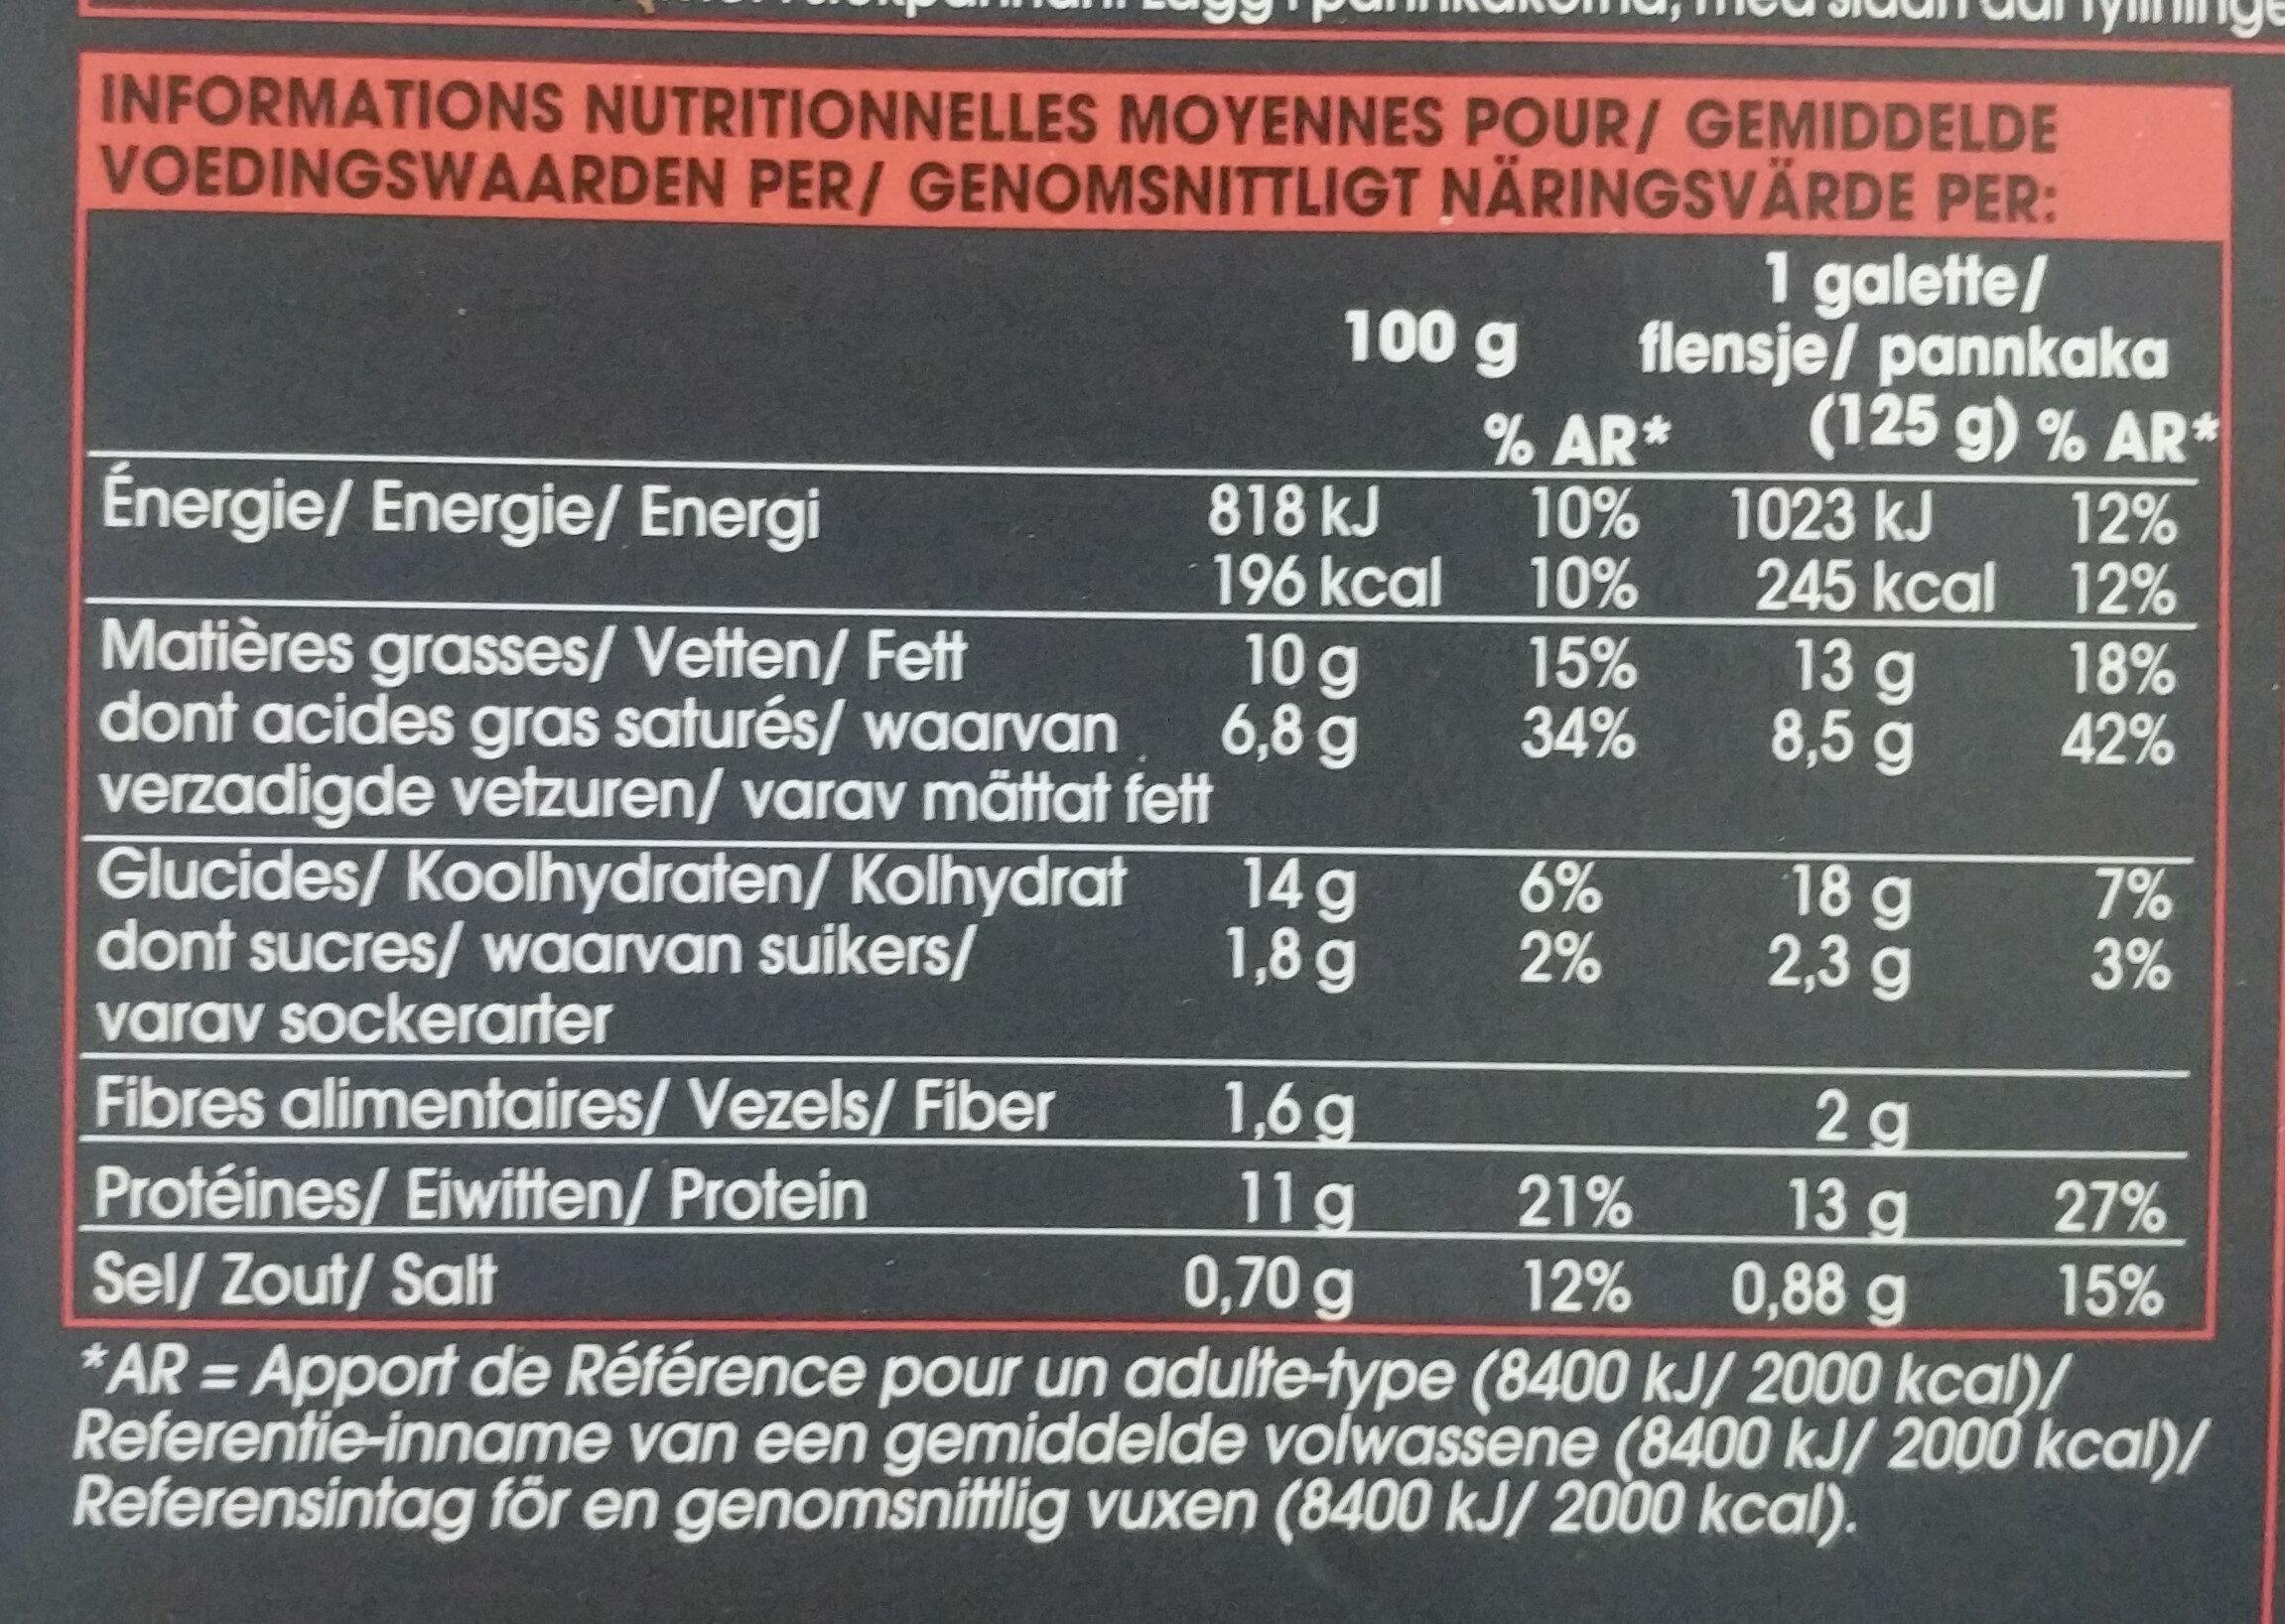 2 galettes jambon-emmental - Informations nutritionnelles - fr